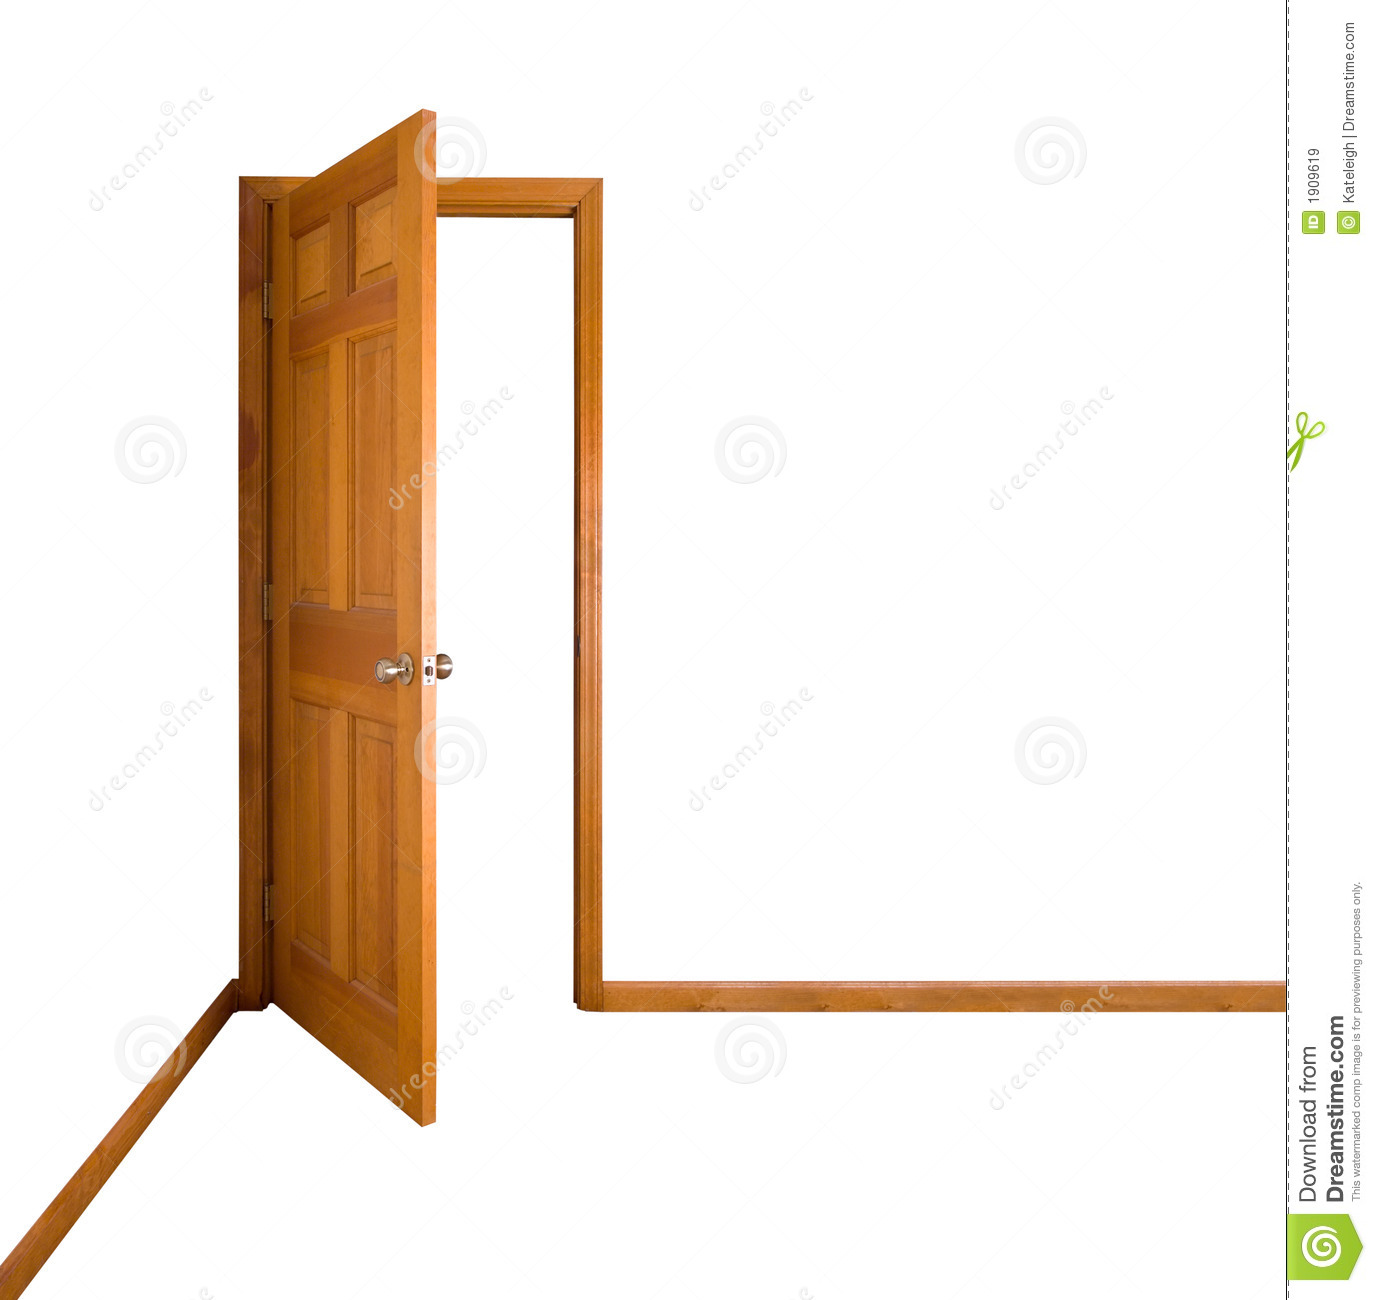 open door clipart free - photo #6